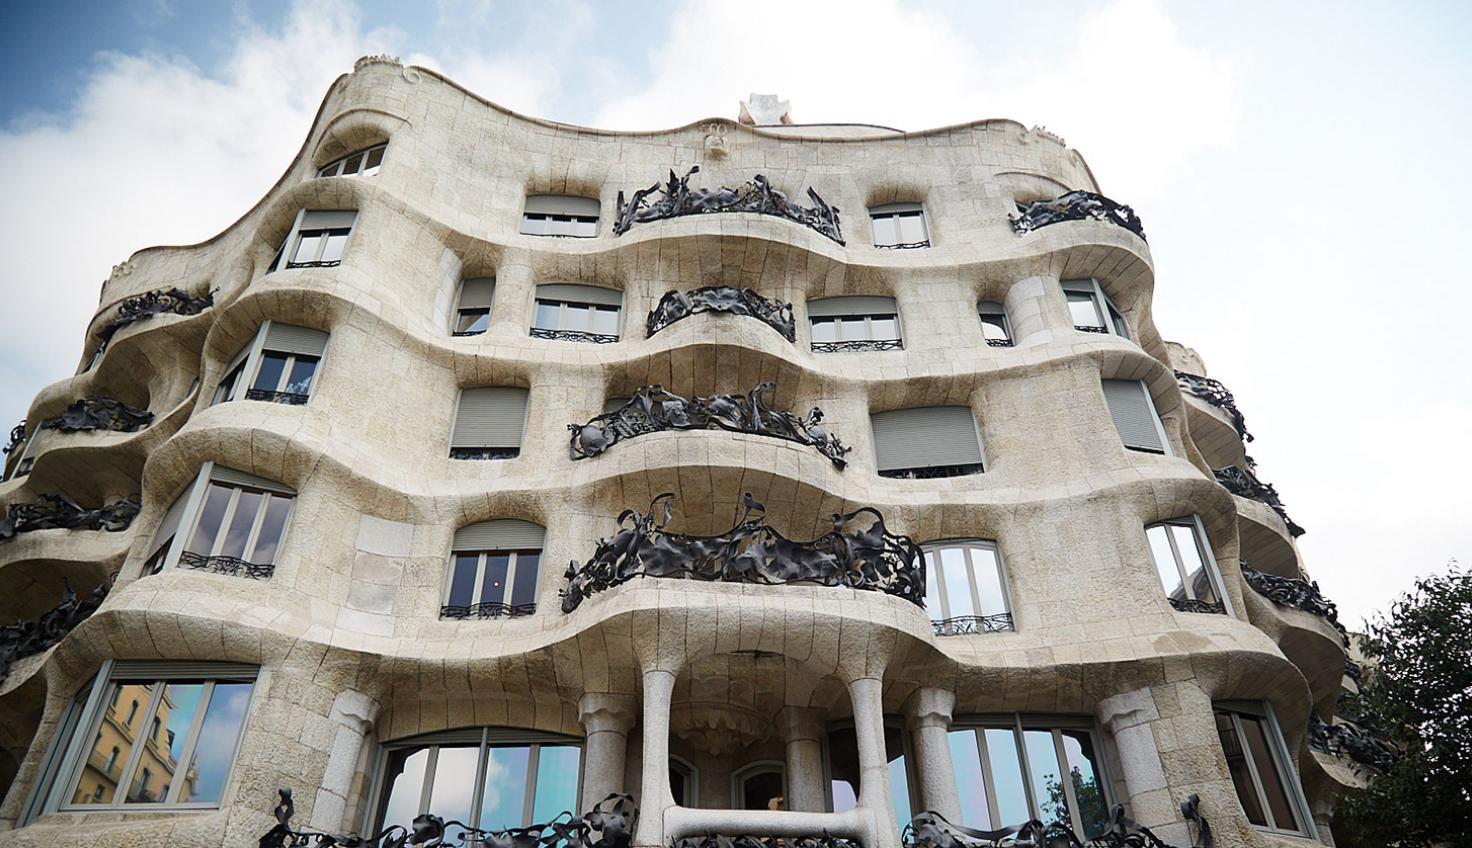 La Pedrera Gaudí fotografie